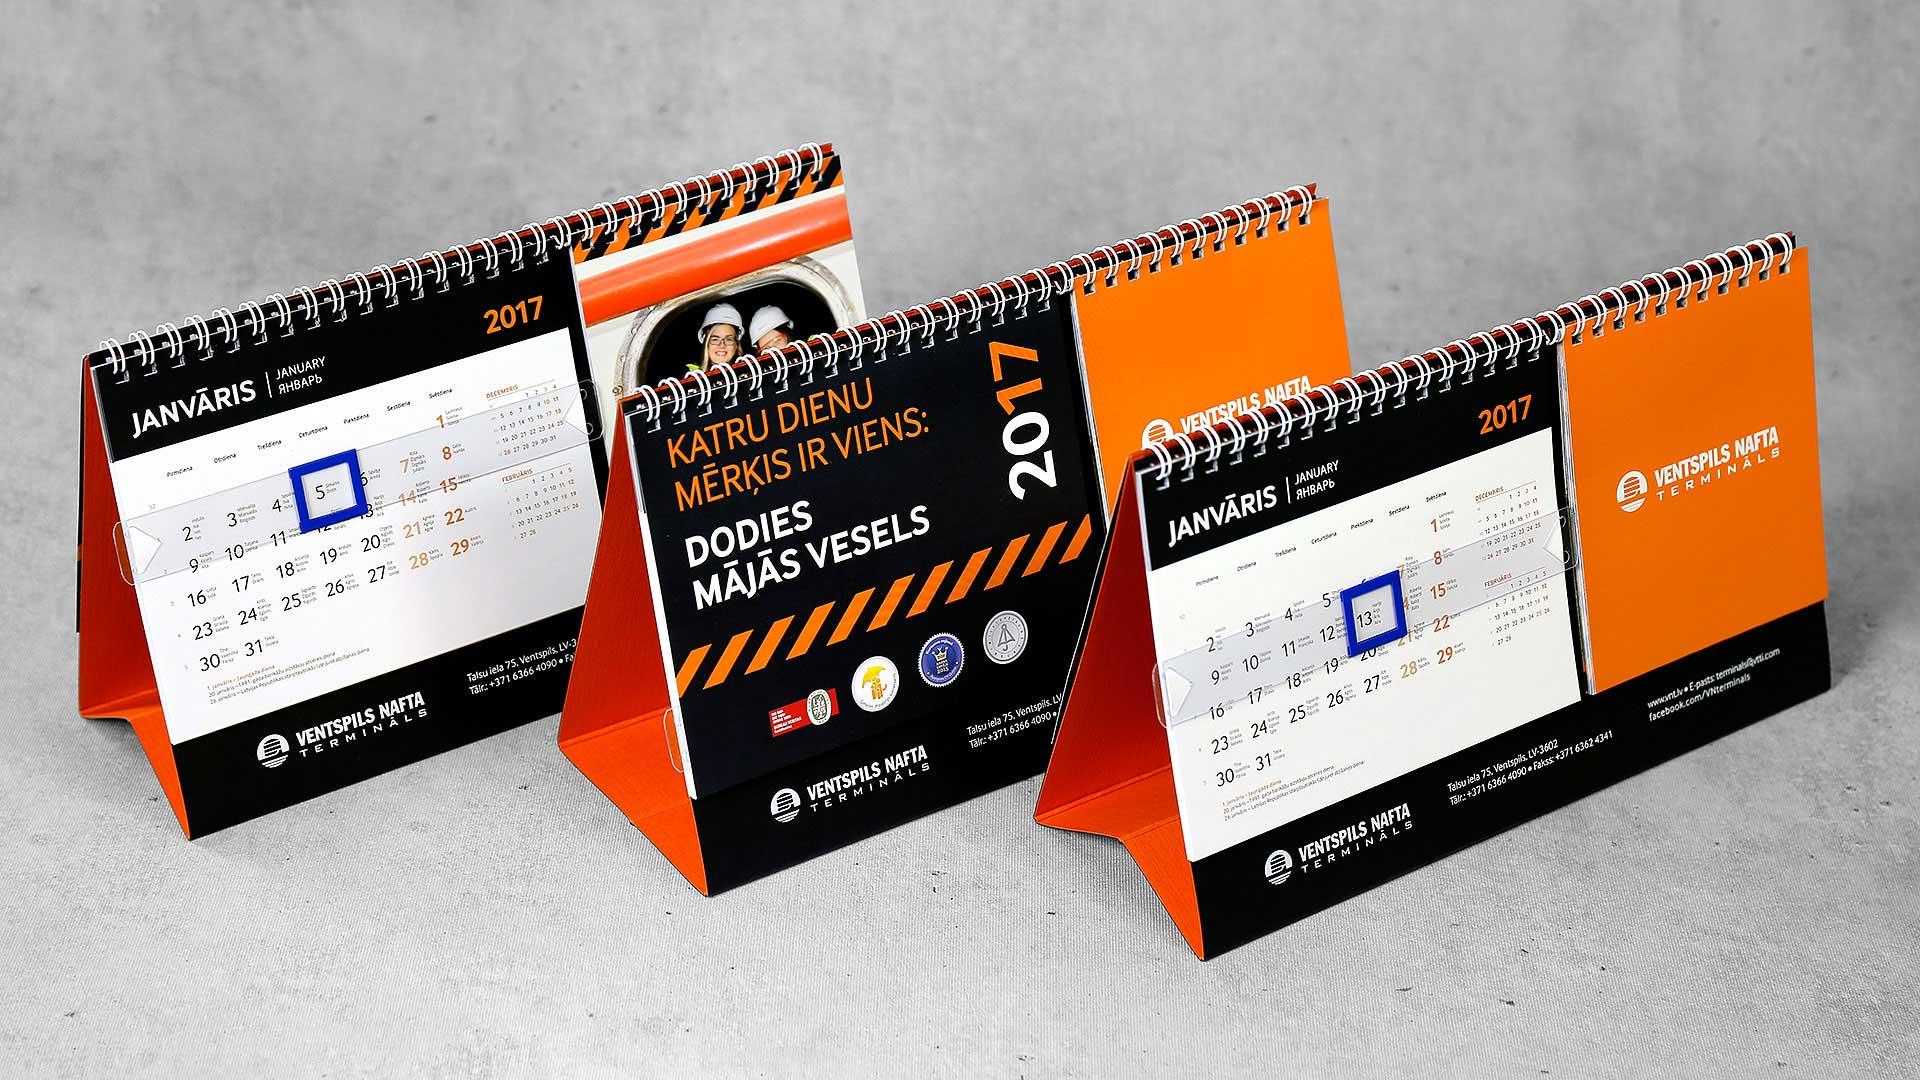 Galda kalendāru druka Ventspils nafta